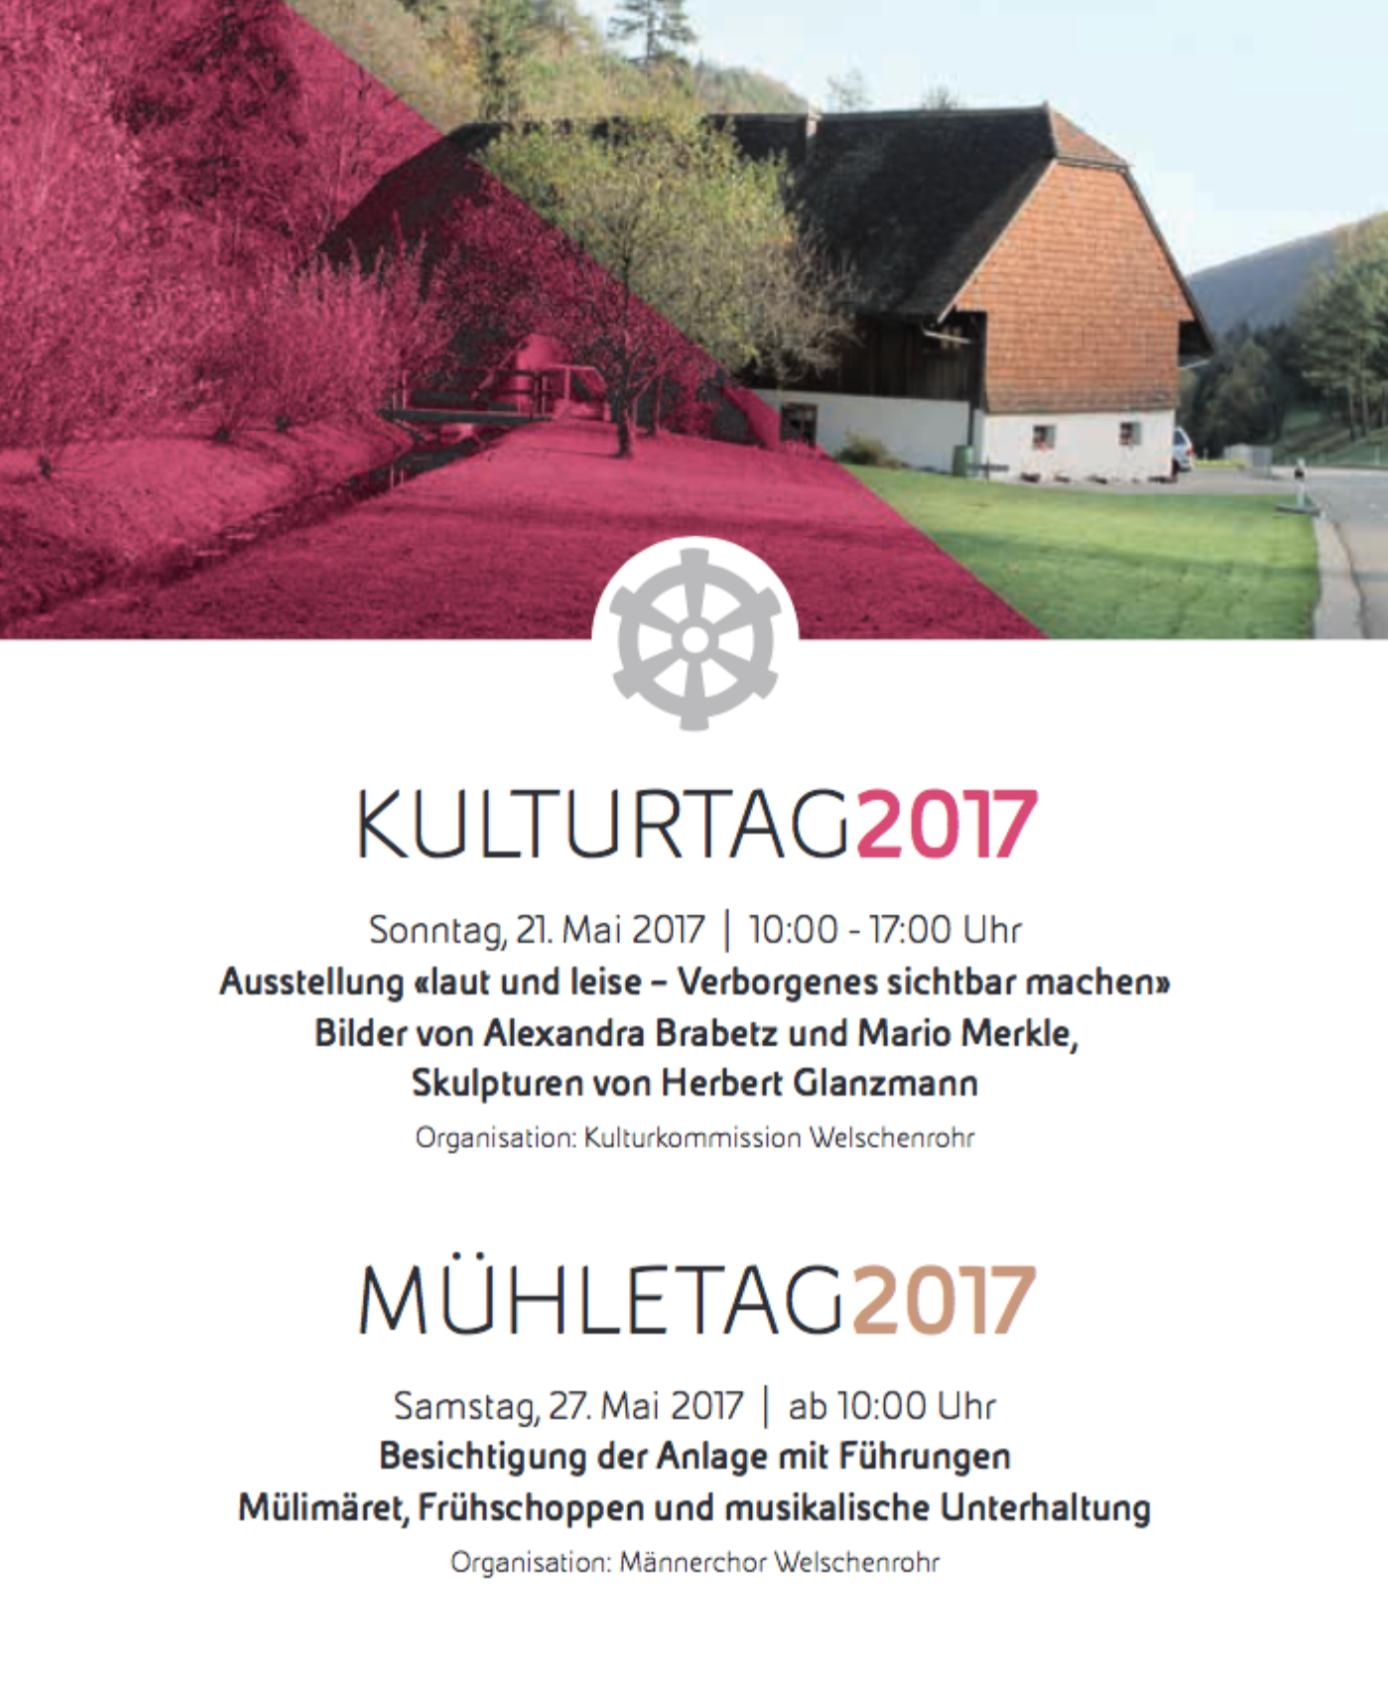 Kulturtag / Mühletag